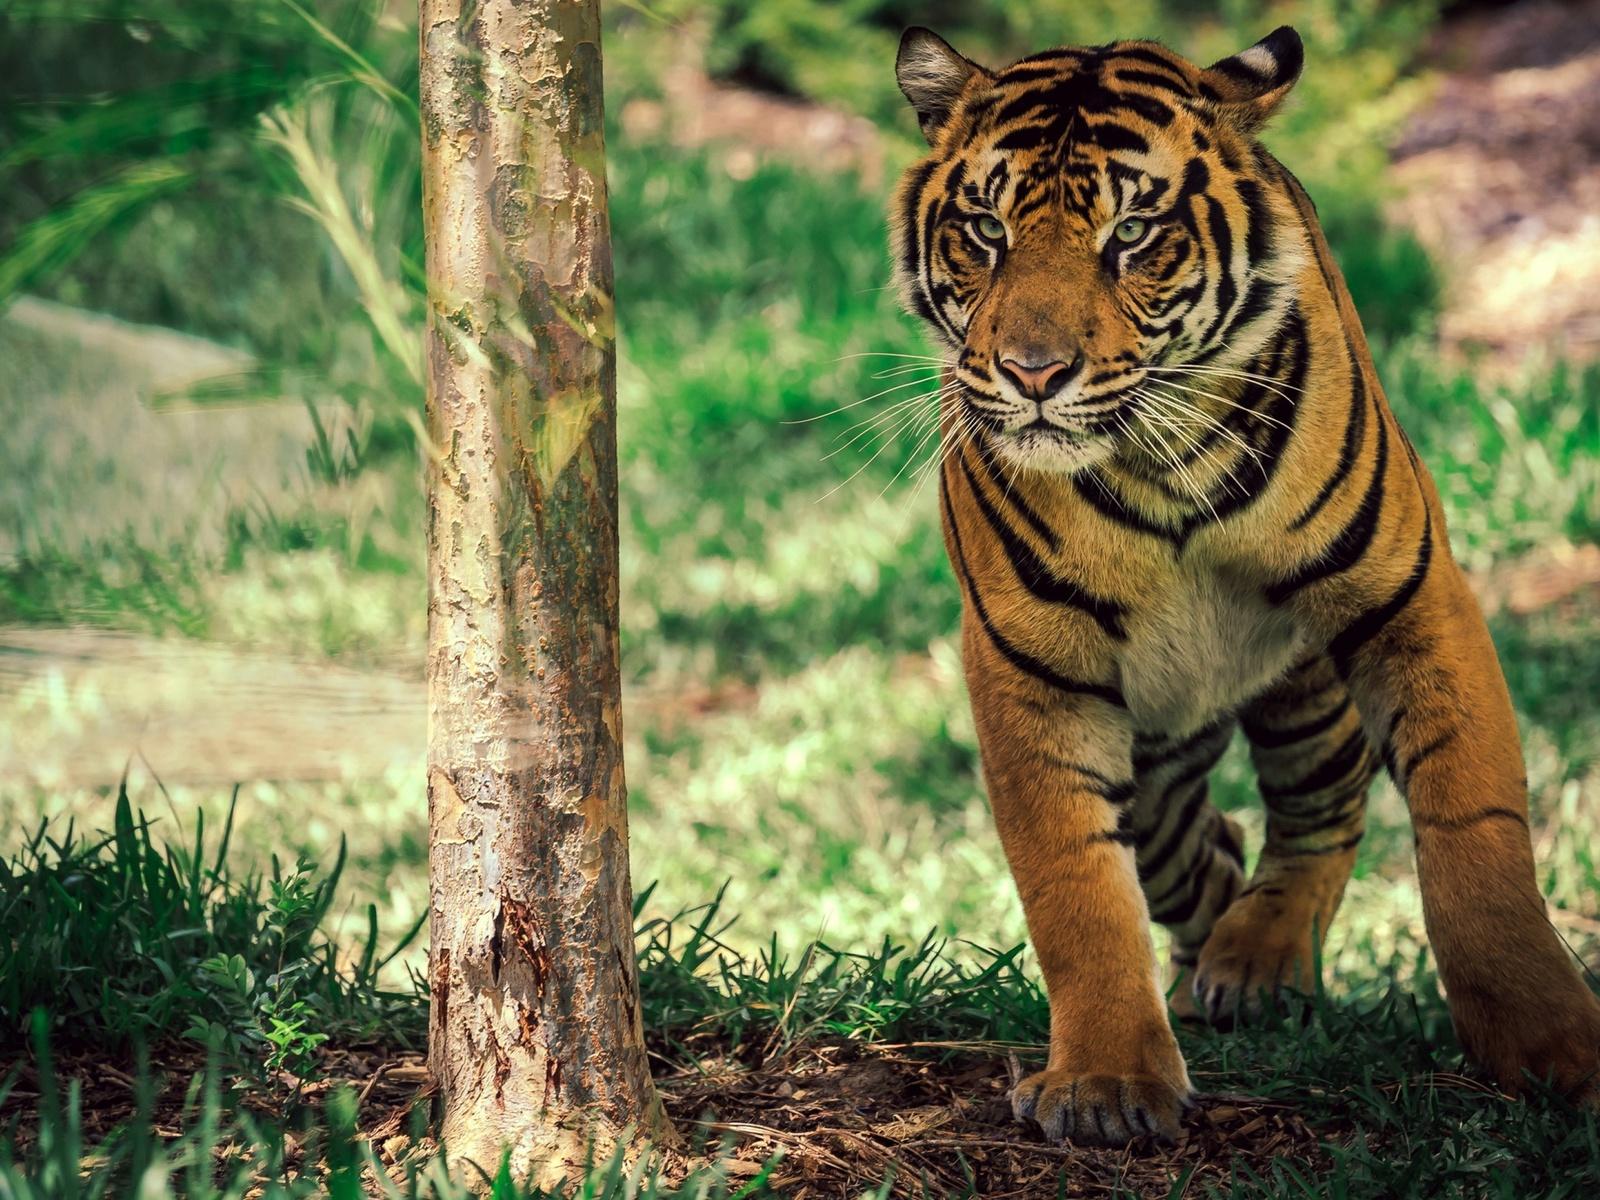 животные, тигр, в, движении, калифорния, сан-диего, сафари-парк